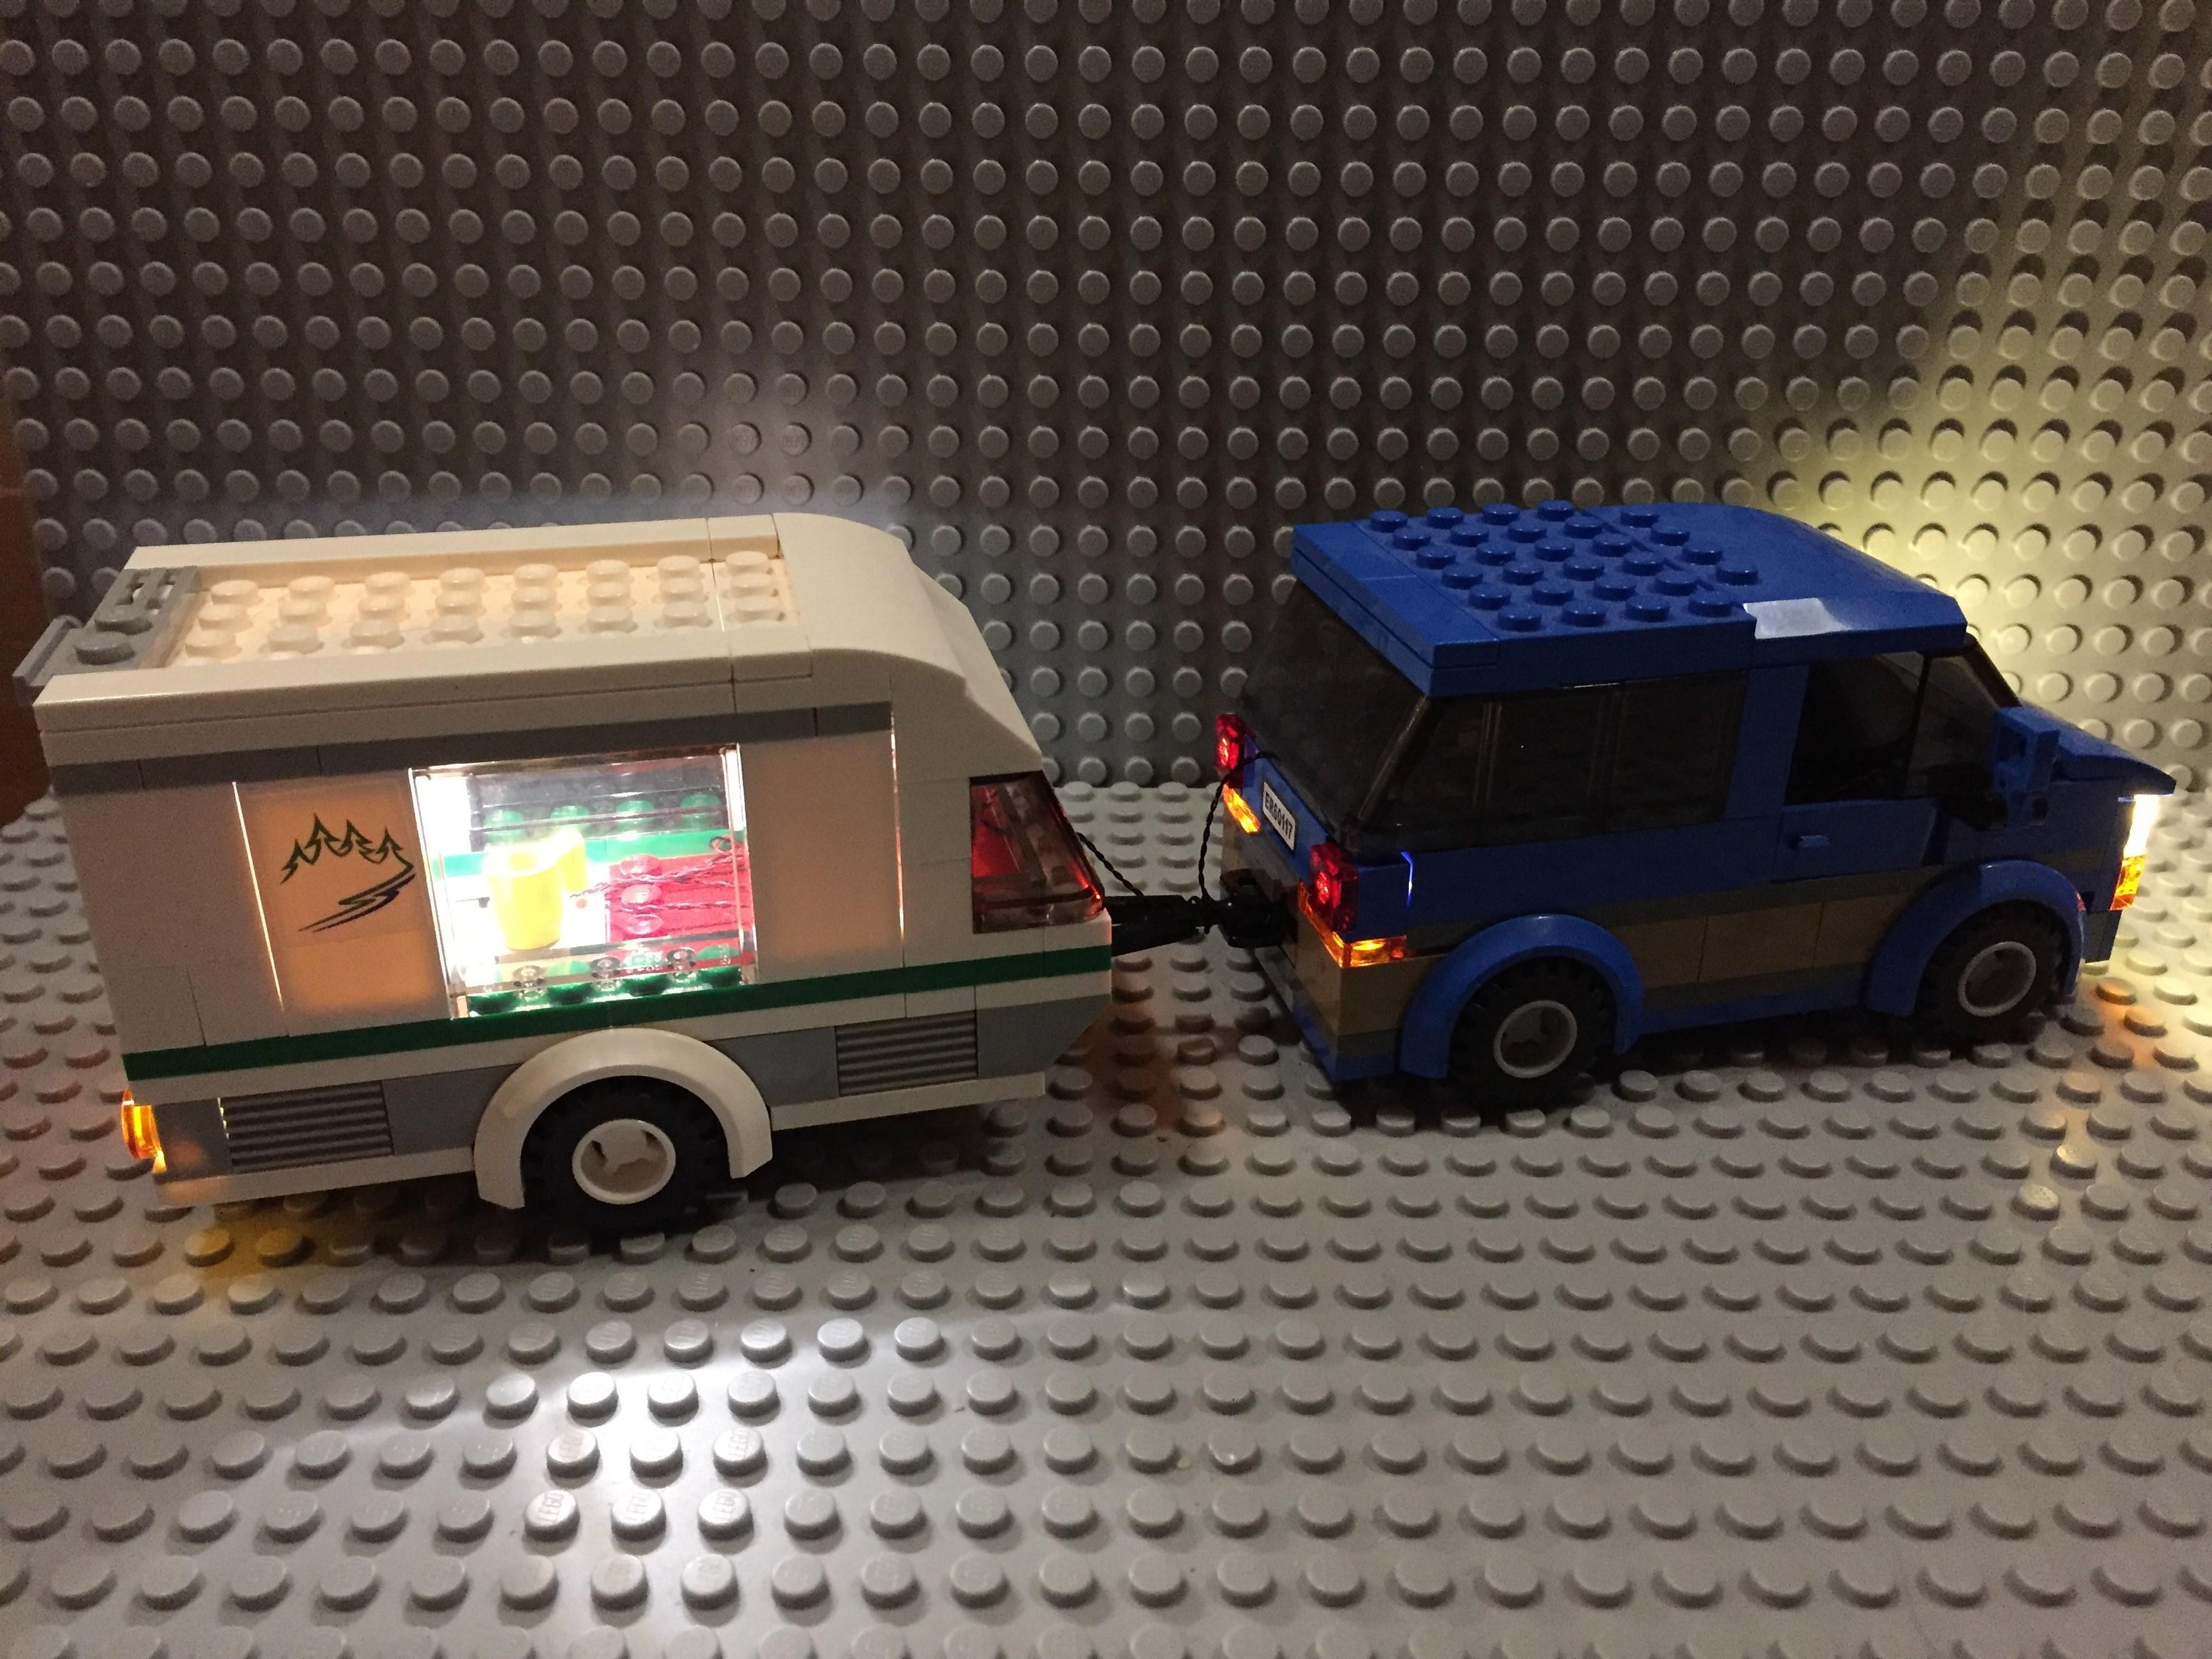 Review LED Light Kit for LEGO 60117 City Car Caravan4 - Bricks Delight